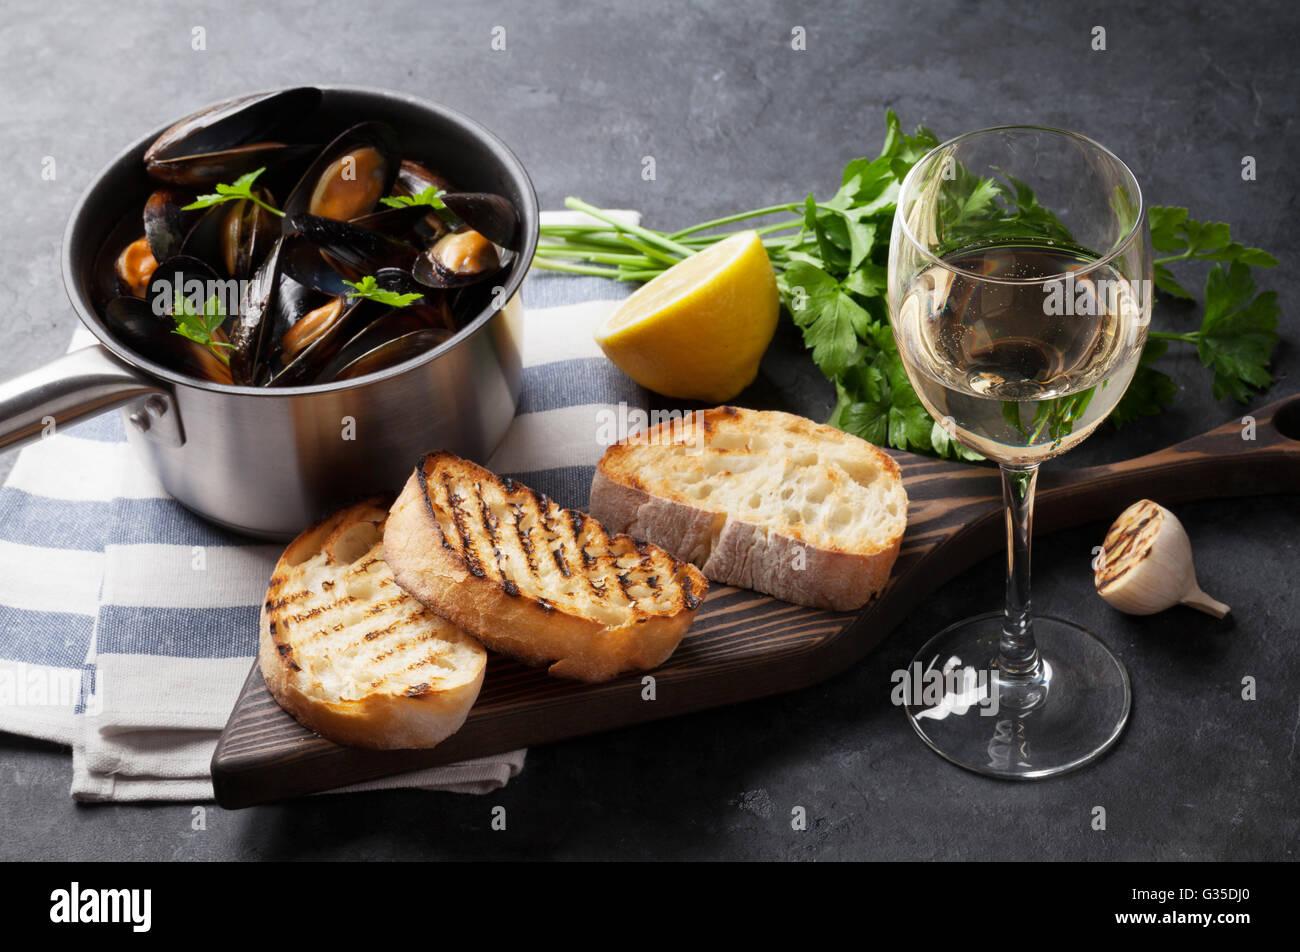 Moules dans marmite en cuivre, toasts de pain et vin blanc sur la table en pierre. Se concentrer sur le verre de vin Banque D'Images